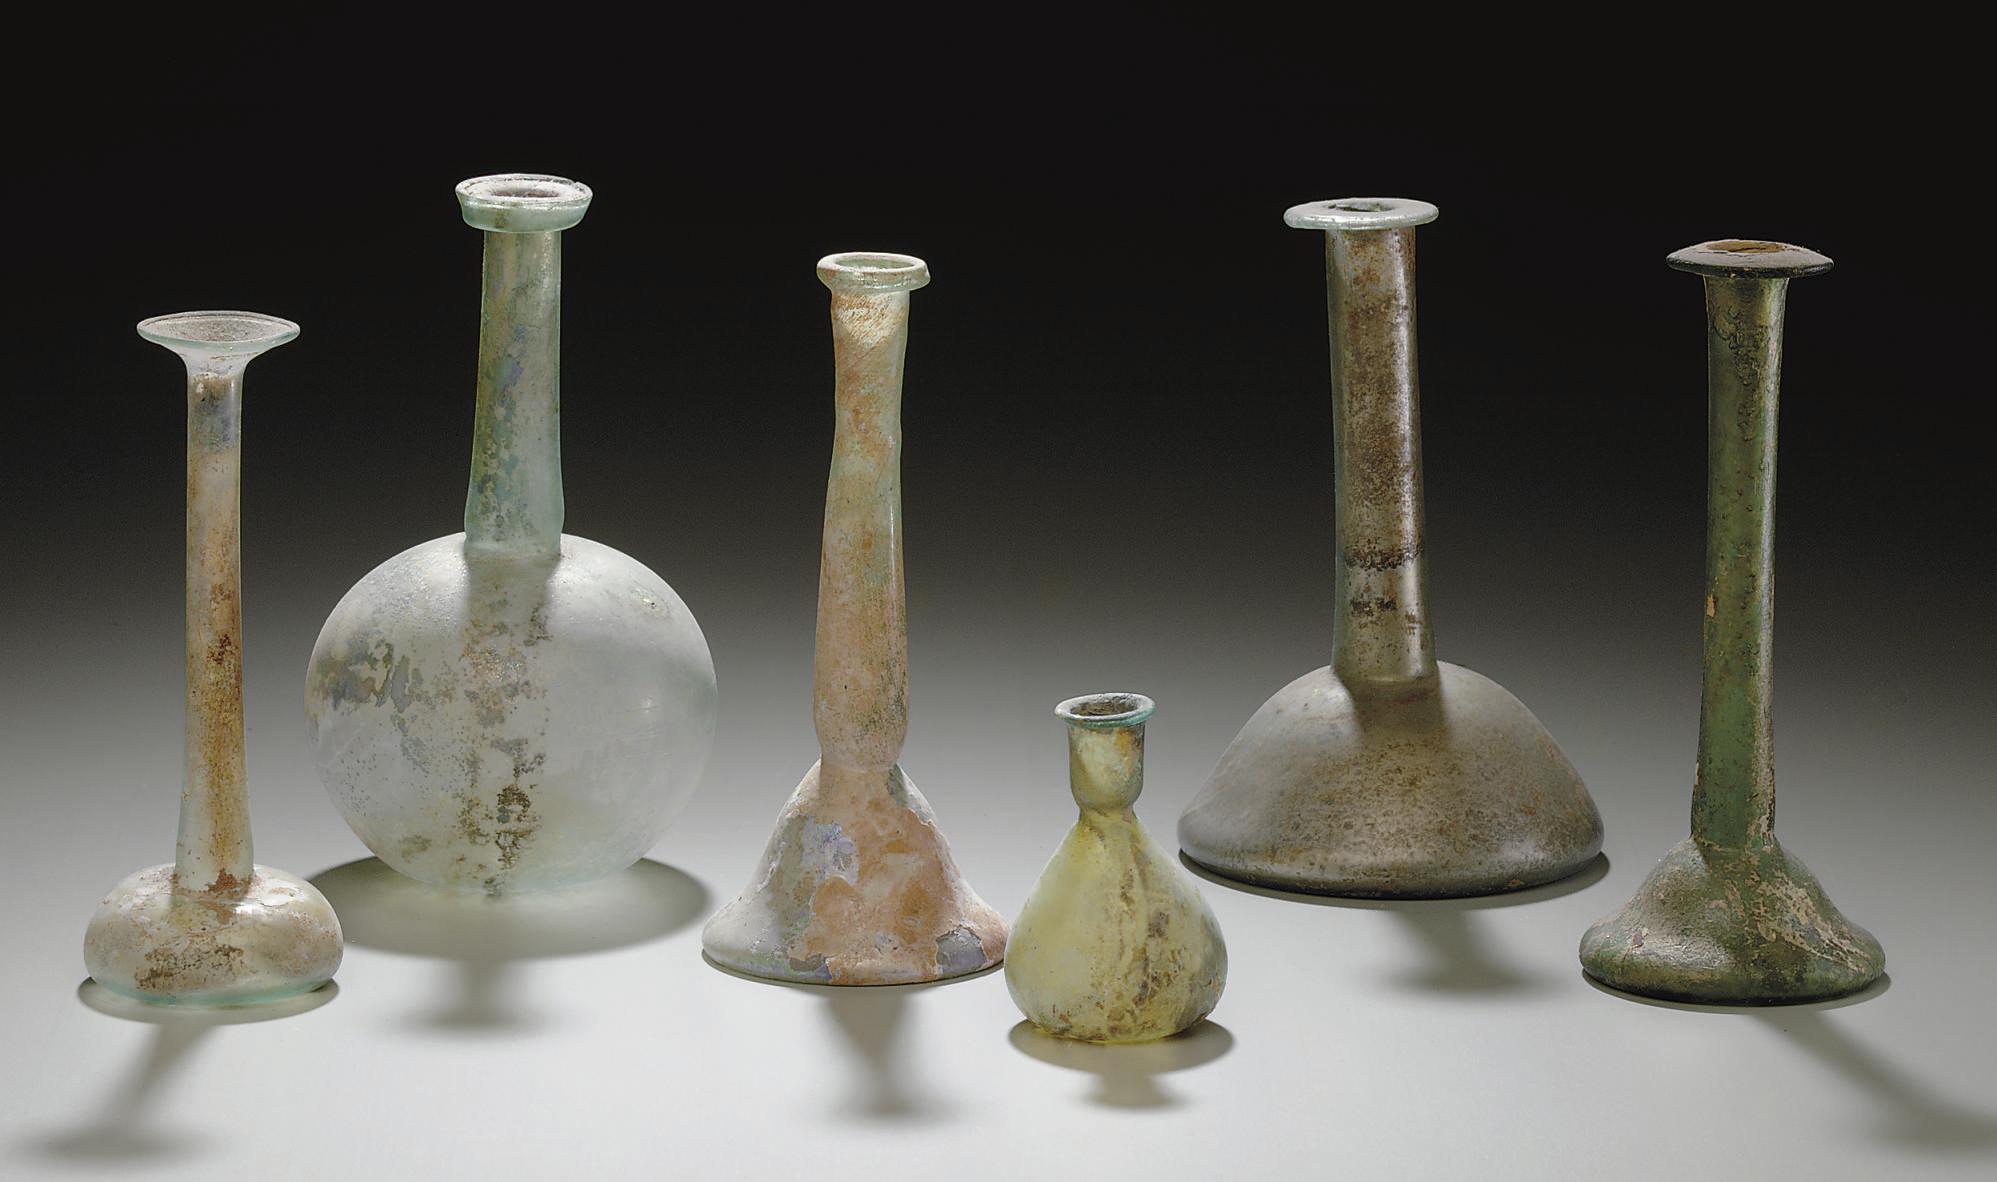 SIX ROMAN GLASS VESSELS